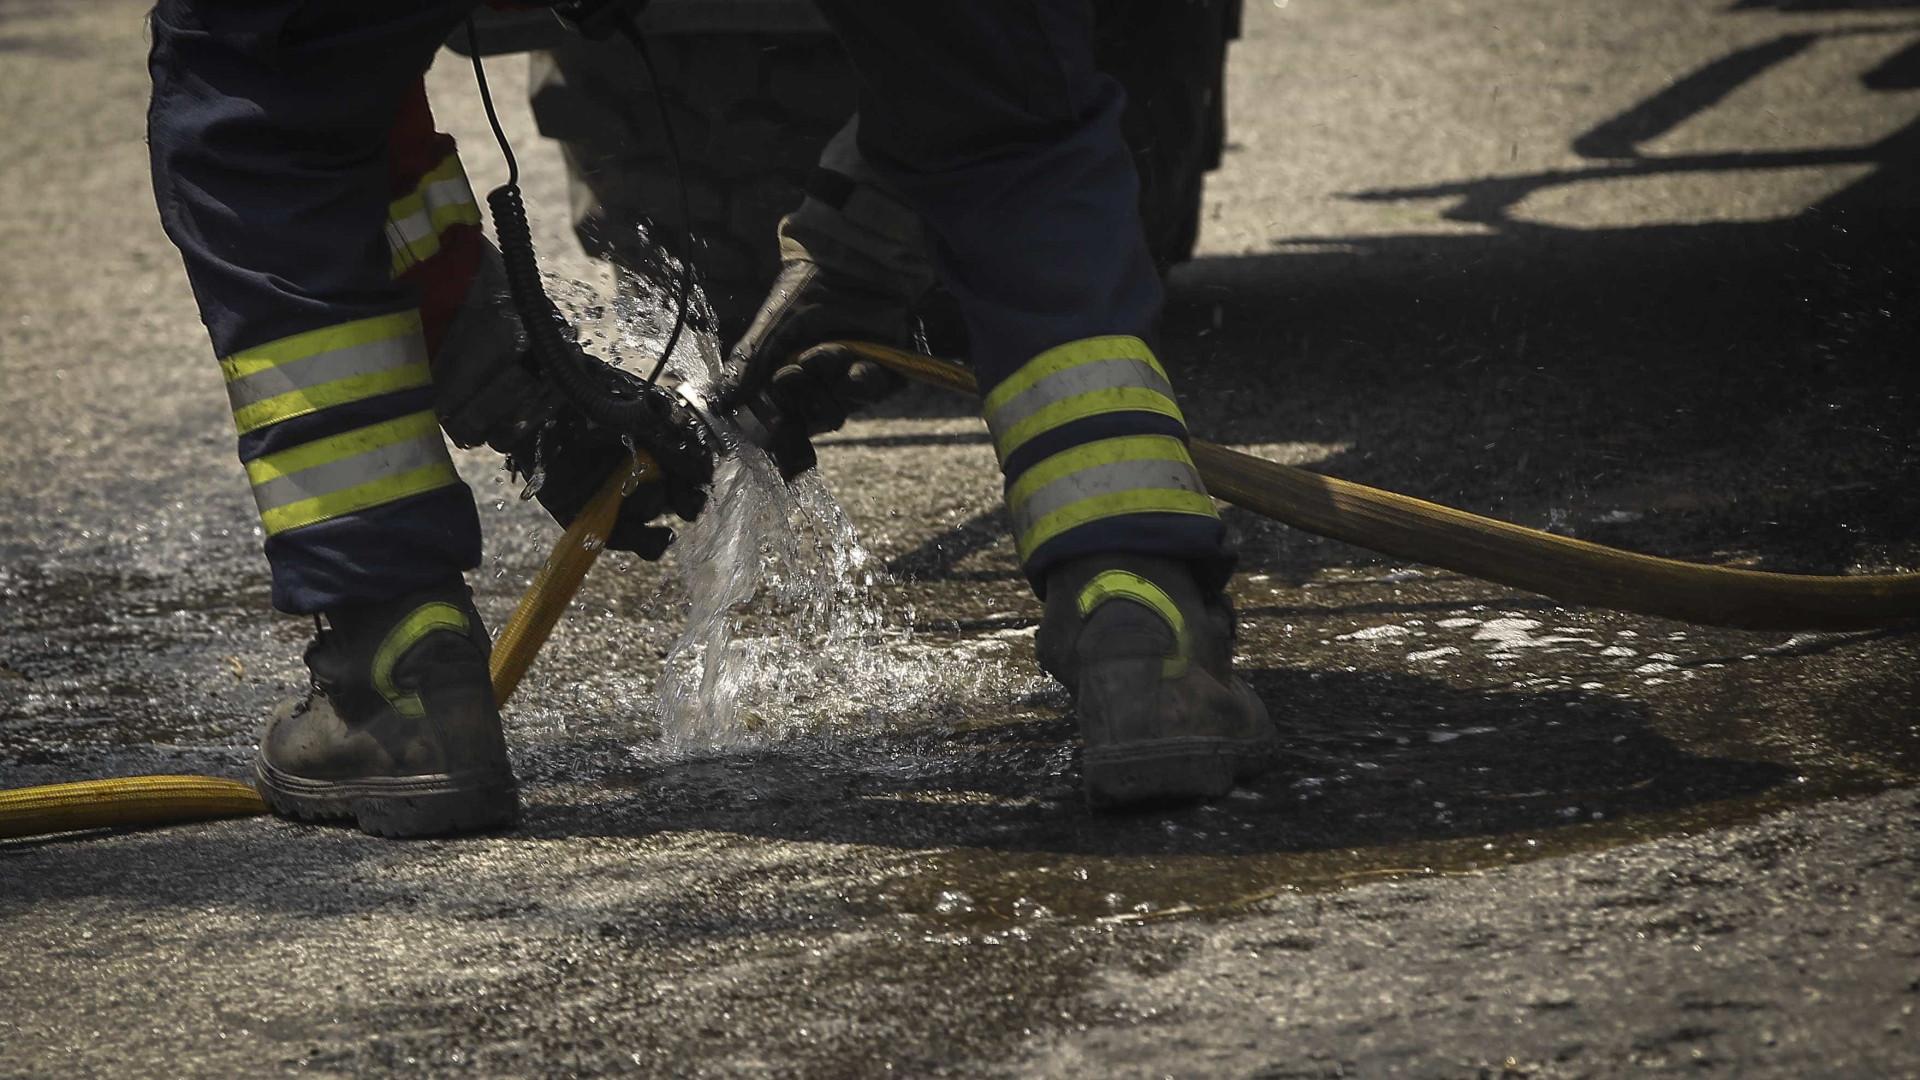 Novo sistema ajuda a aumentar segurança de bombeiros em cenários de risco